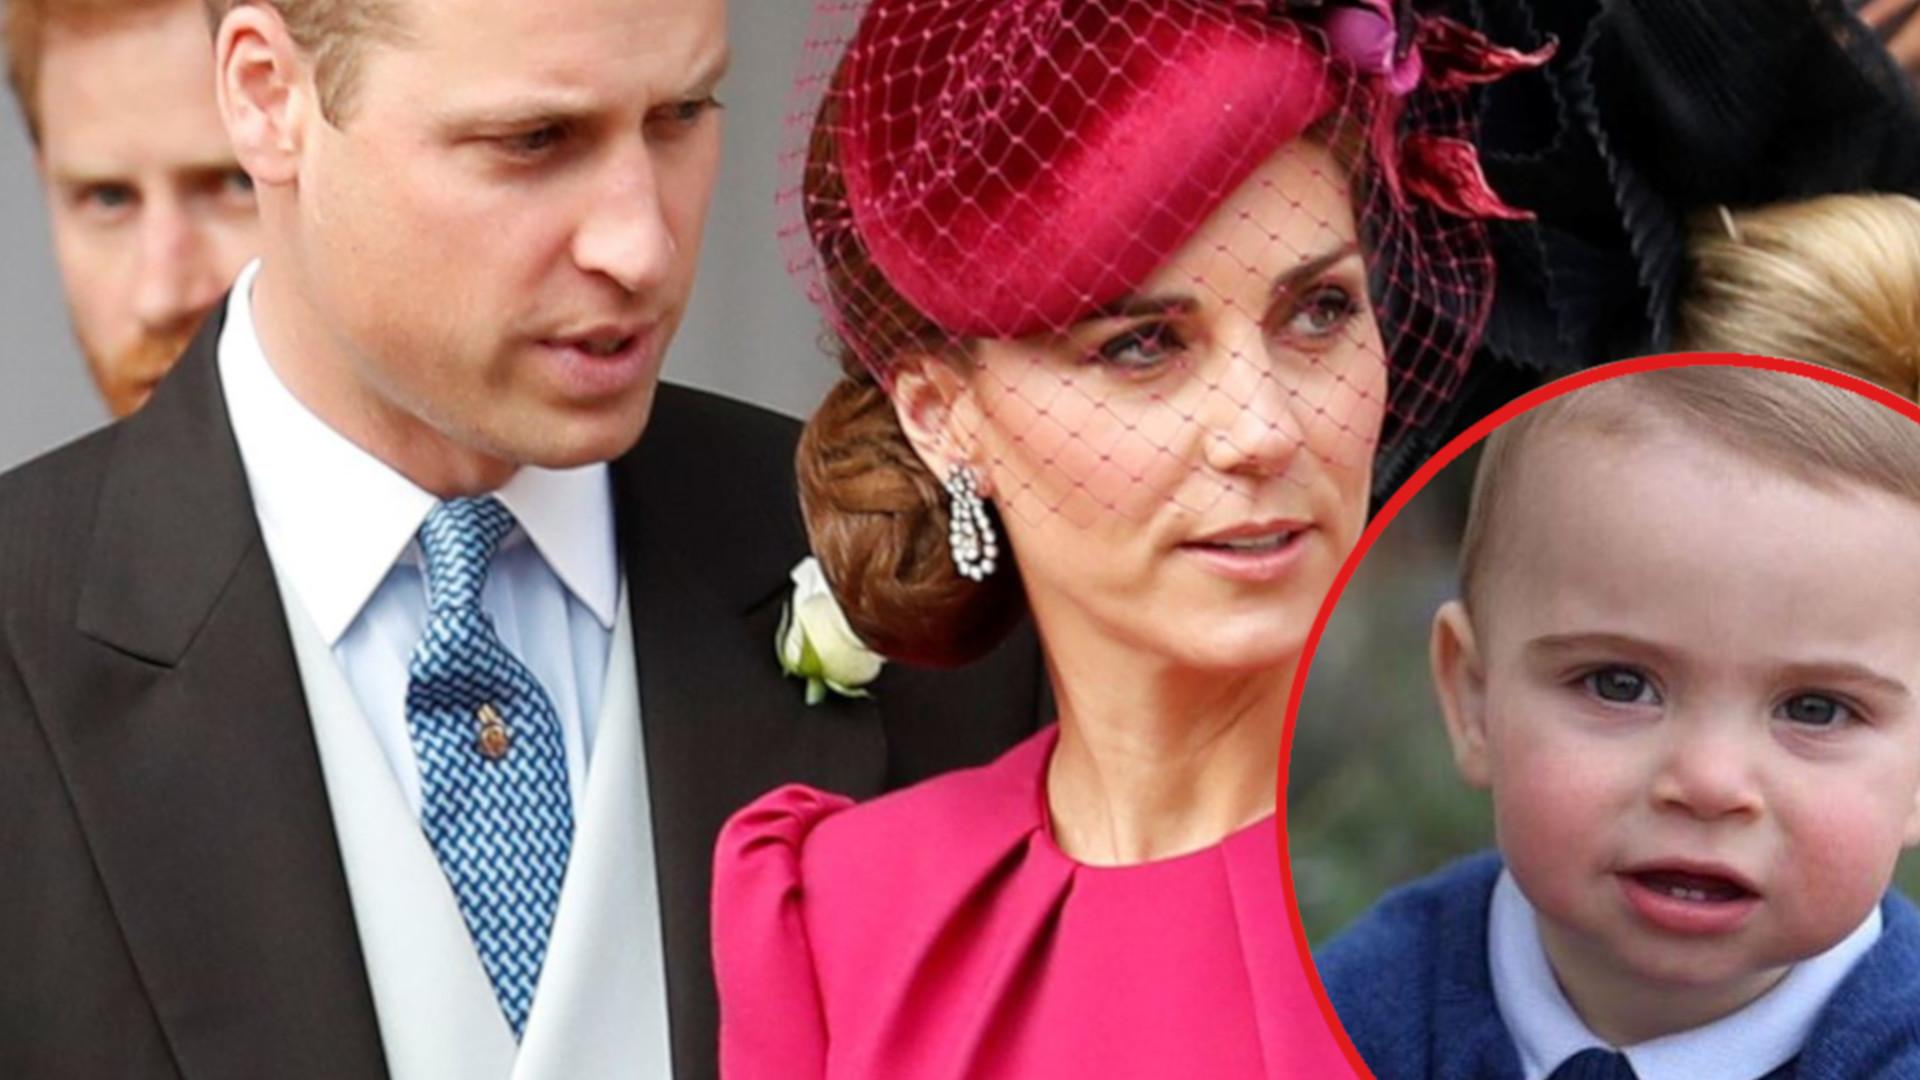 Książę William PRZEGAPIŁ 1. urodziny swojego syna Louisa z bardzo PRZYKREGO powodu